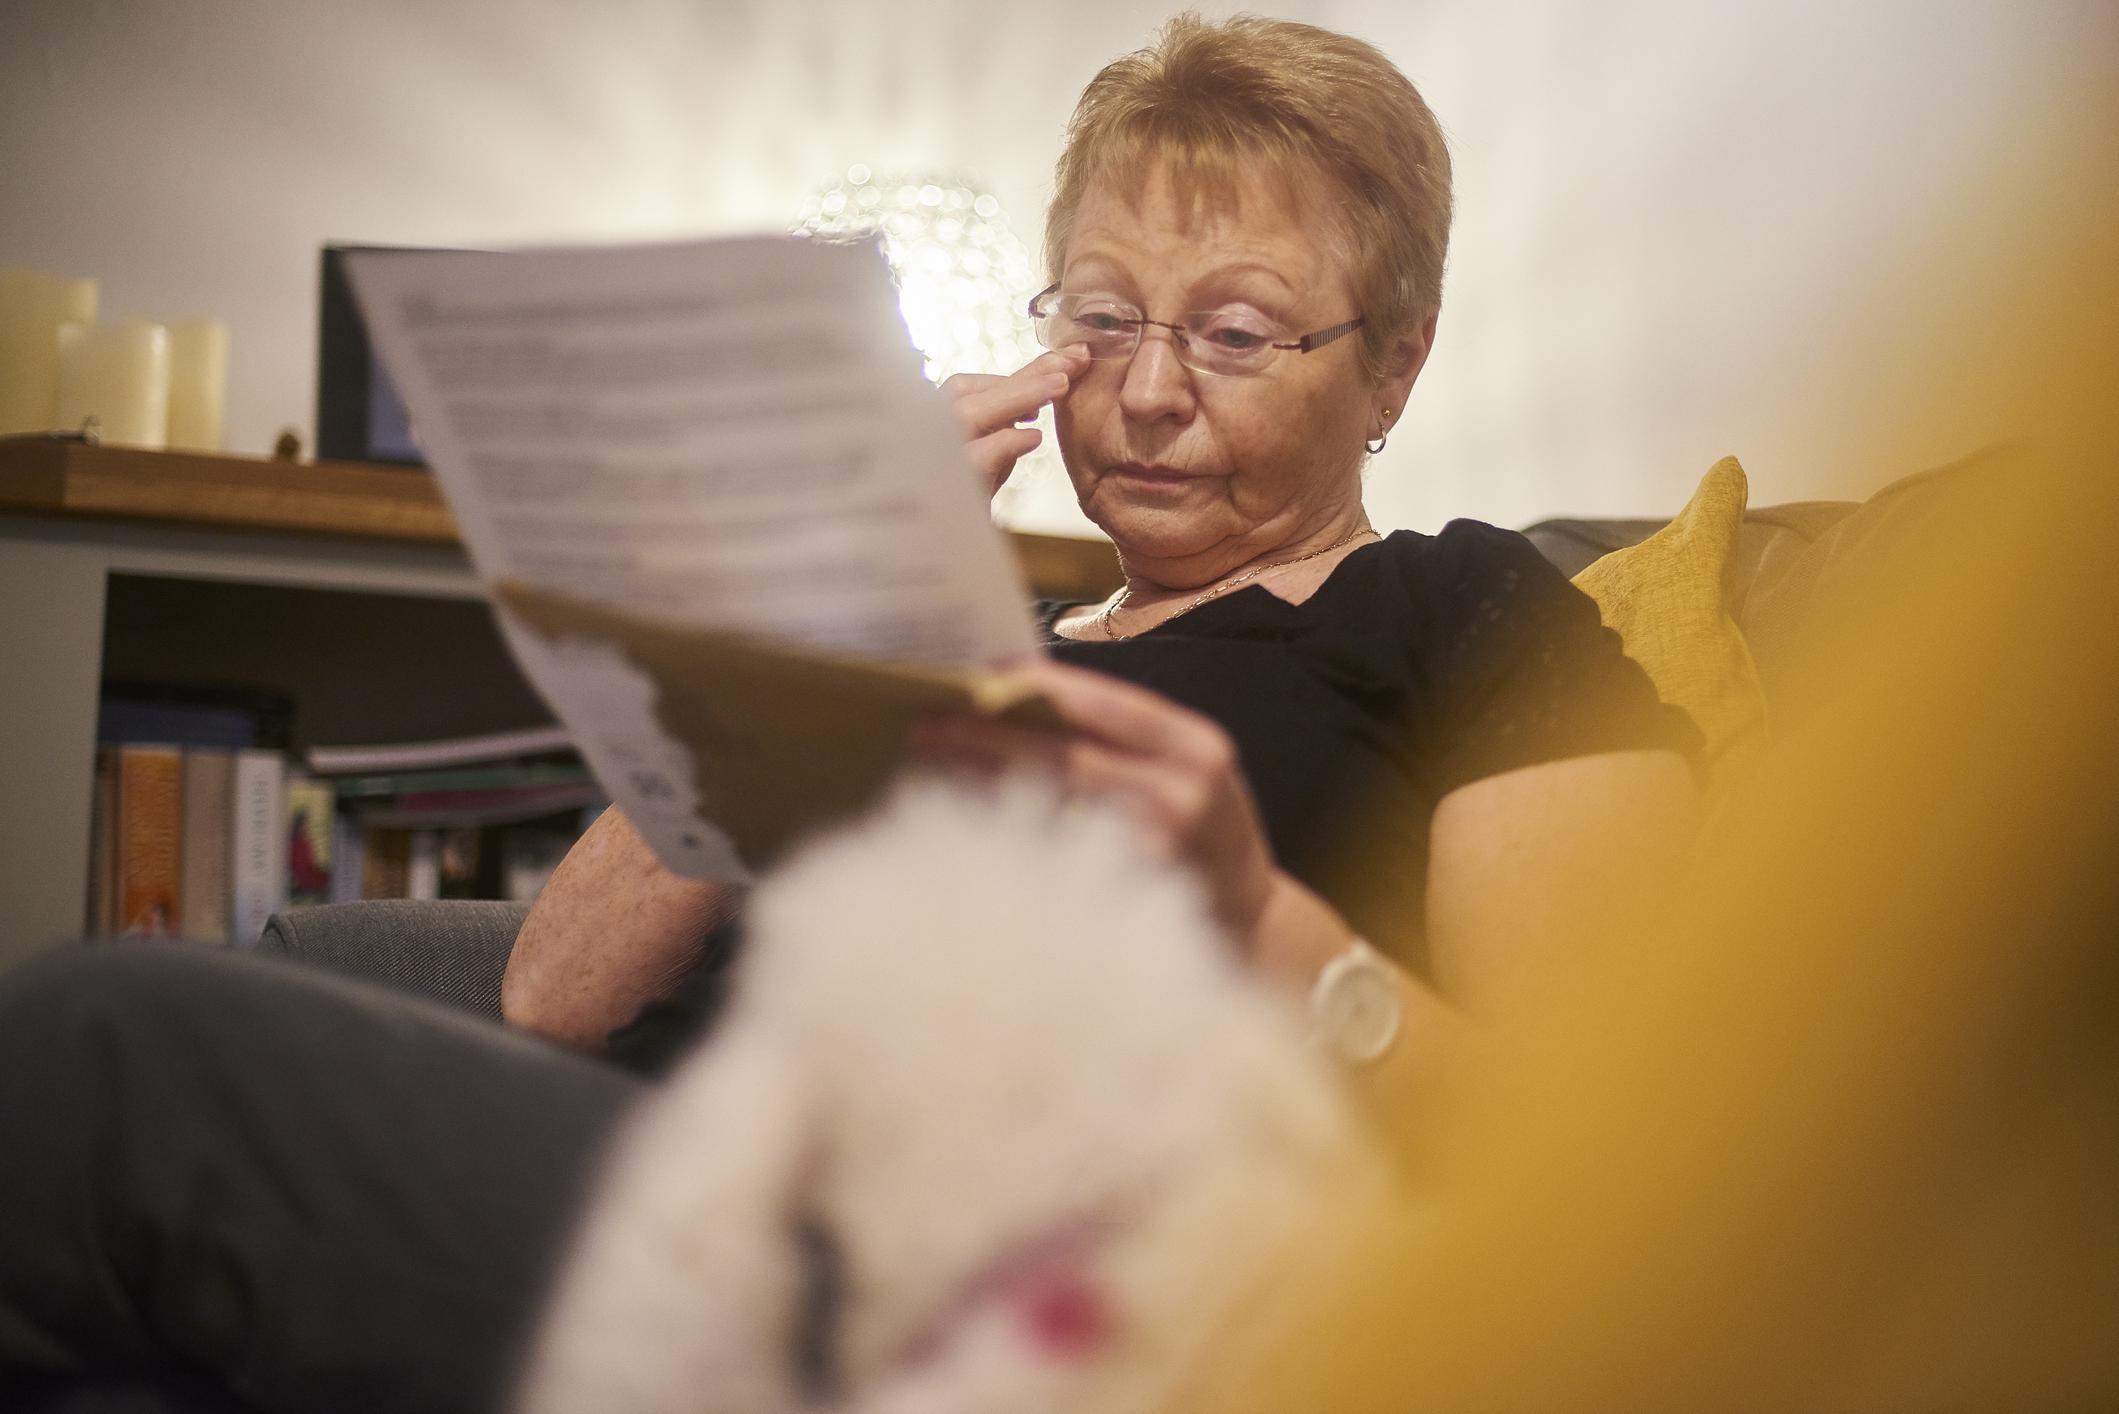 Comment rédiger une lettre décès pour prévenir les proches - Odella.fr